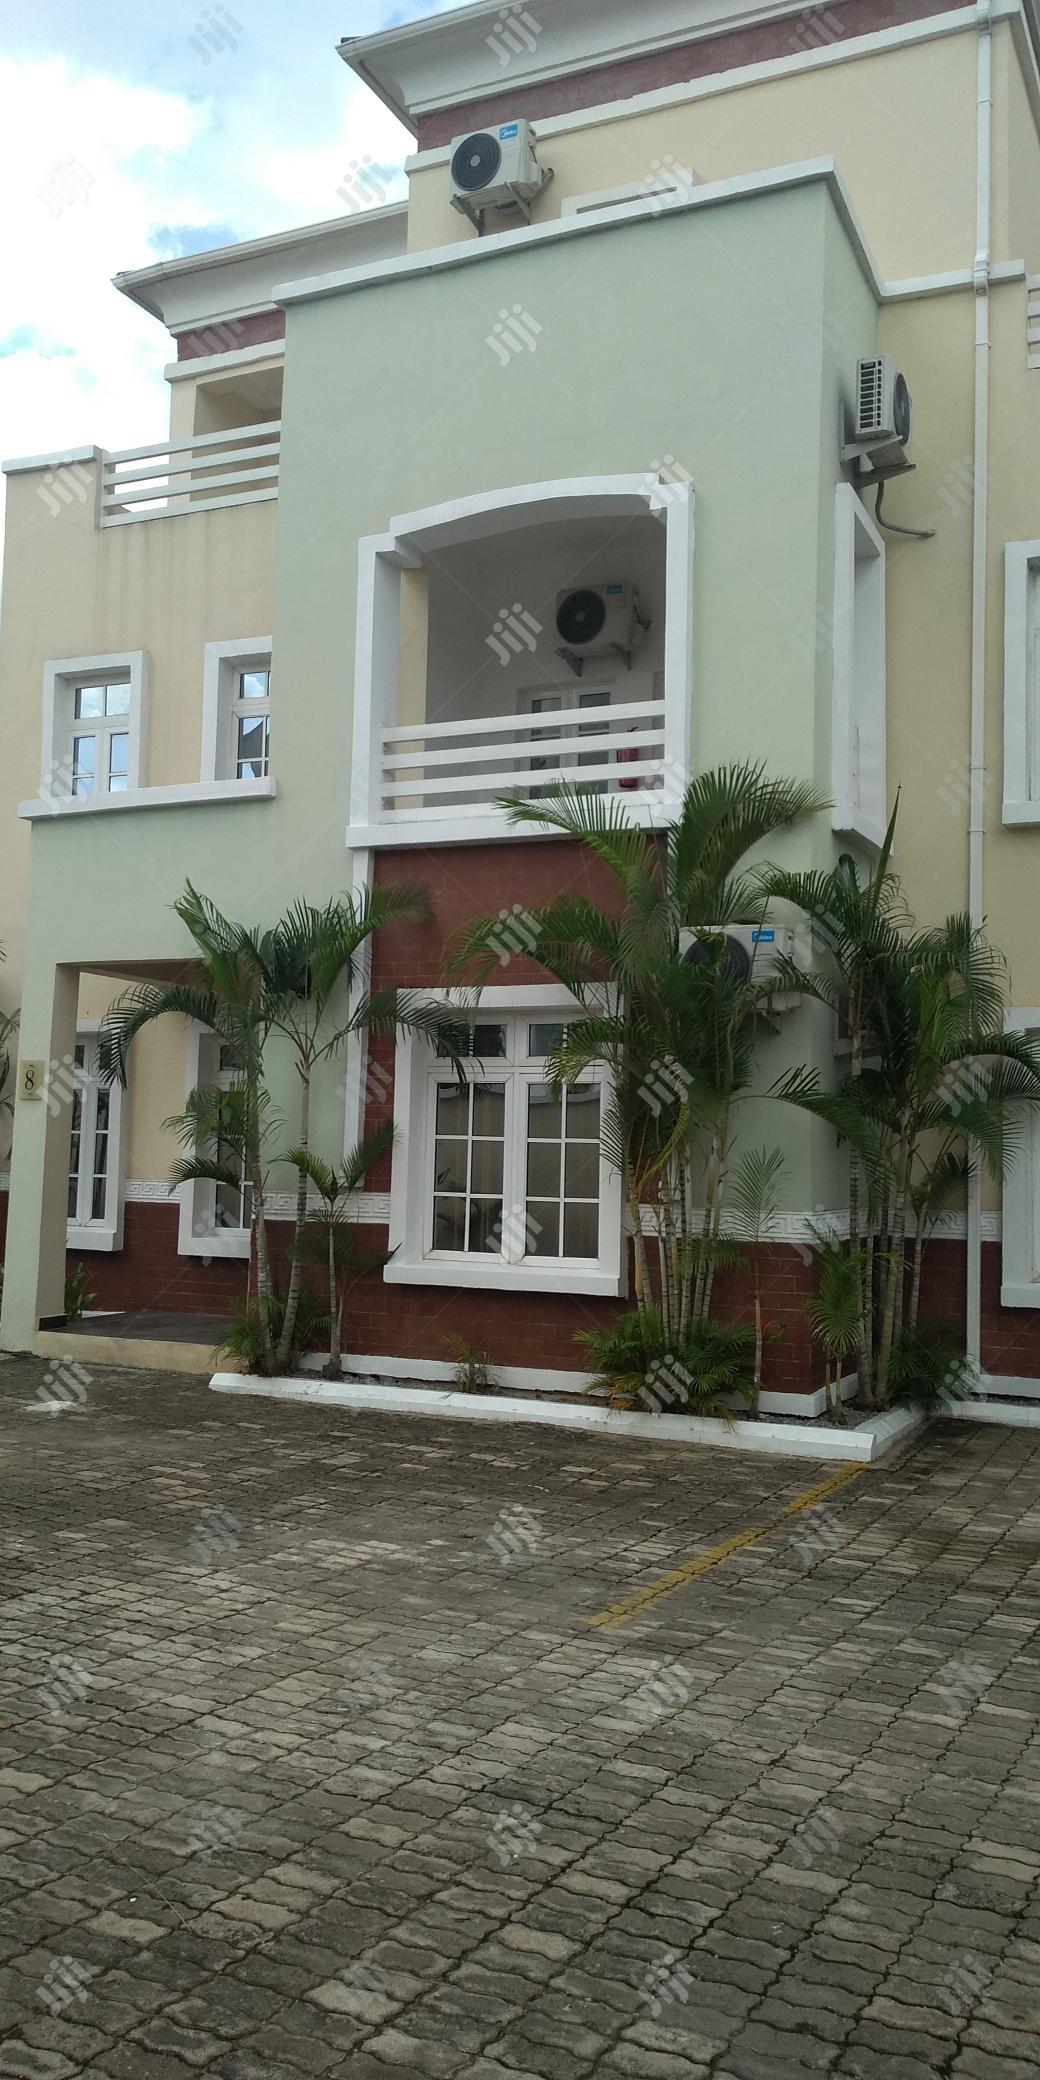 Top Notch Serviced 4bedroom Terrace Duplex + Bq, 24/7 Light